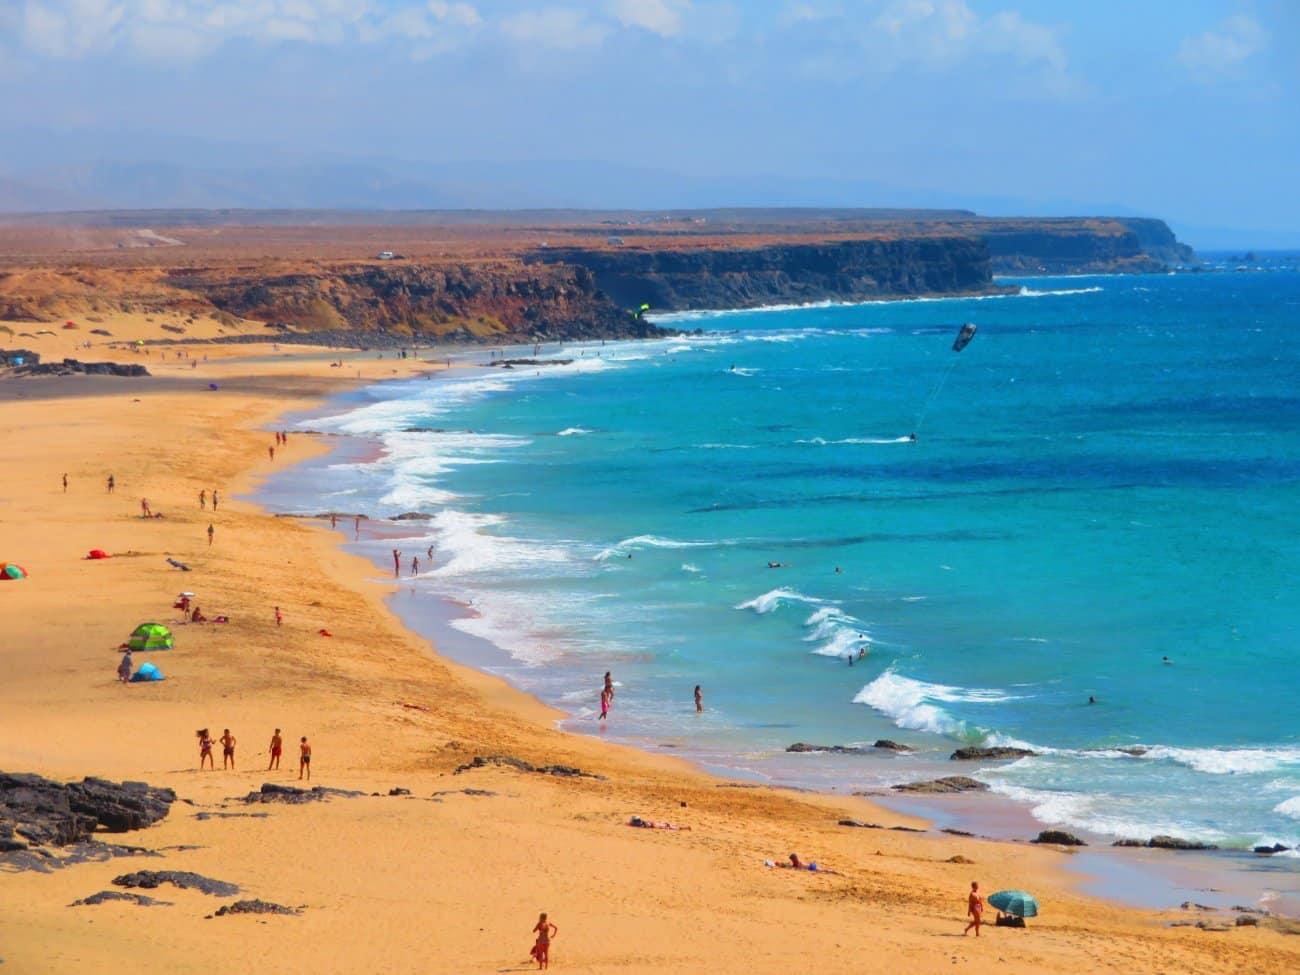 Fuerteventura, la isla con playas paradisíacas Canarias